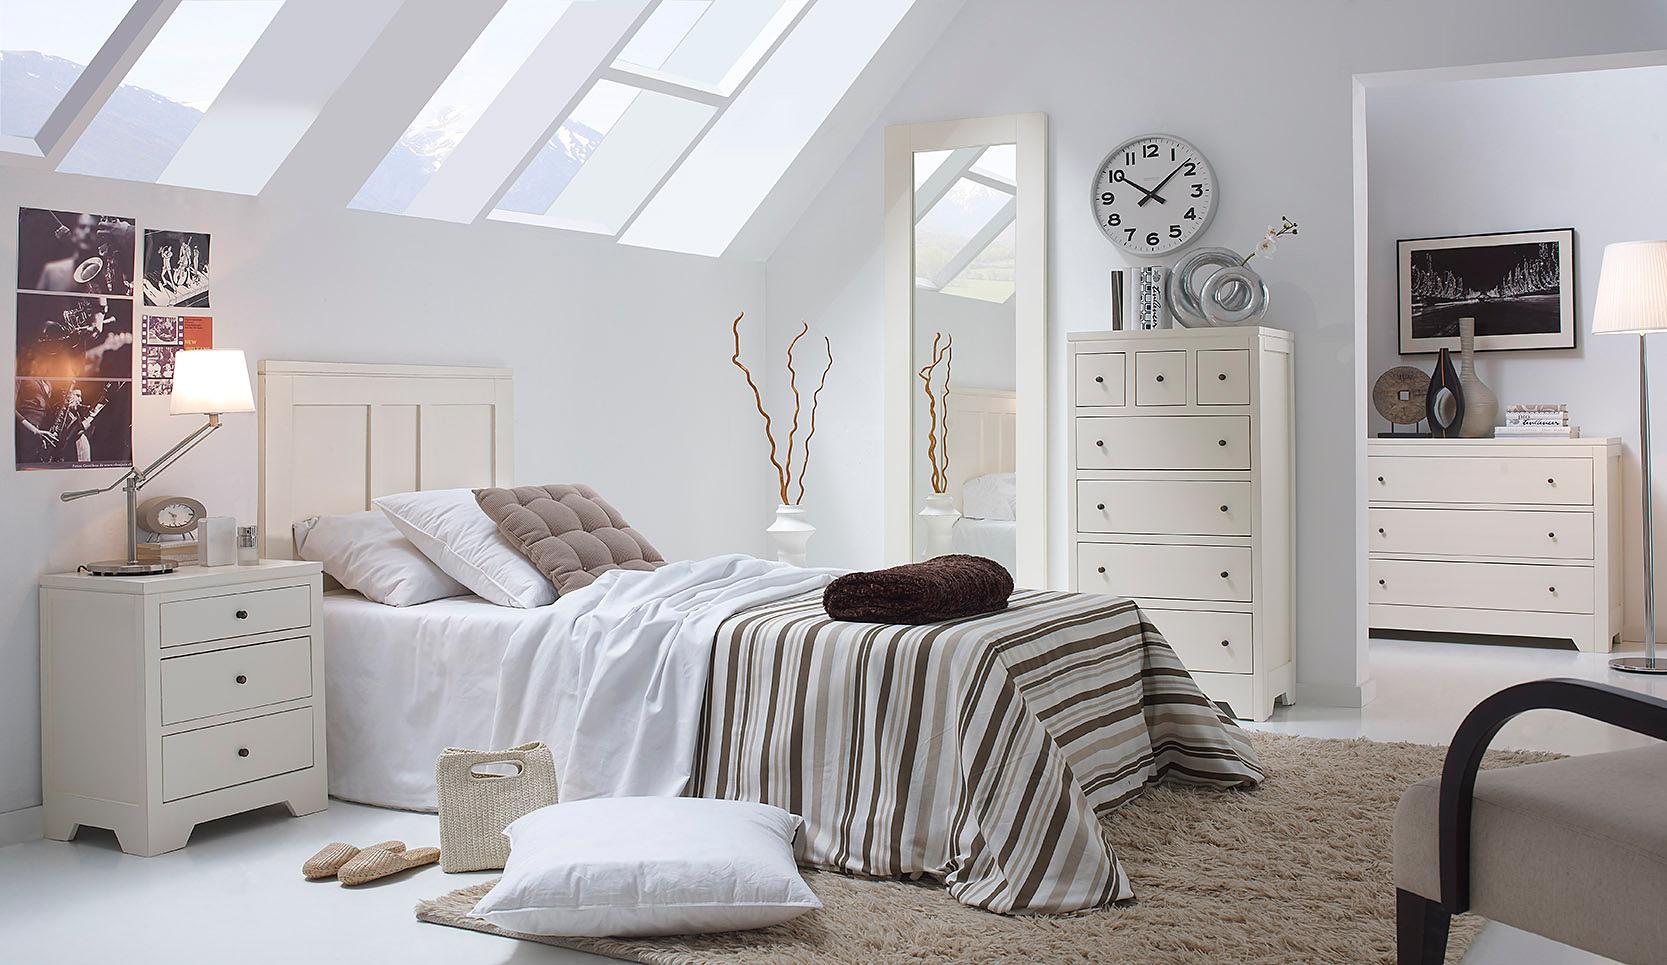 Dormitorio colonial heimat en cosas de arquitectoscosas de arquitectos - Habitaciones juveniles blancas ...